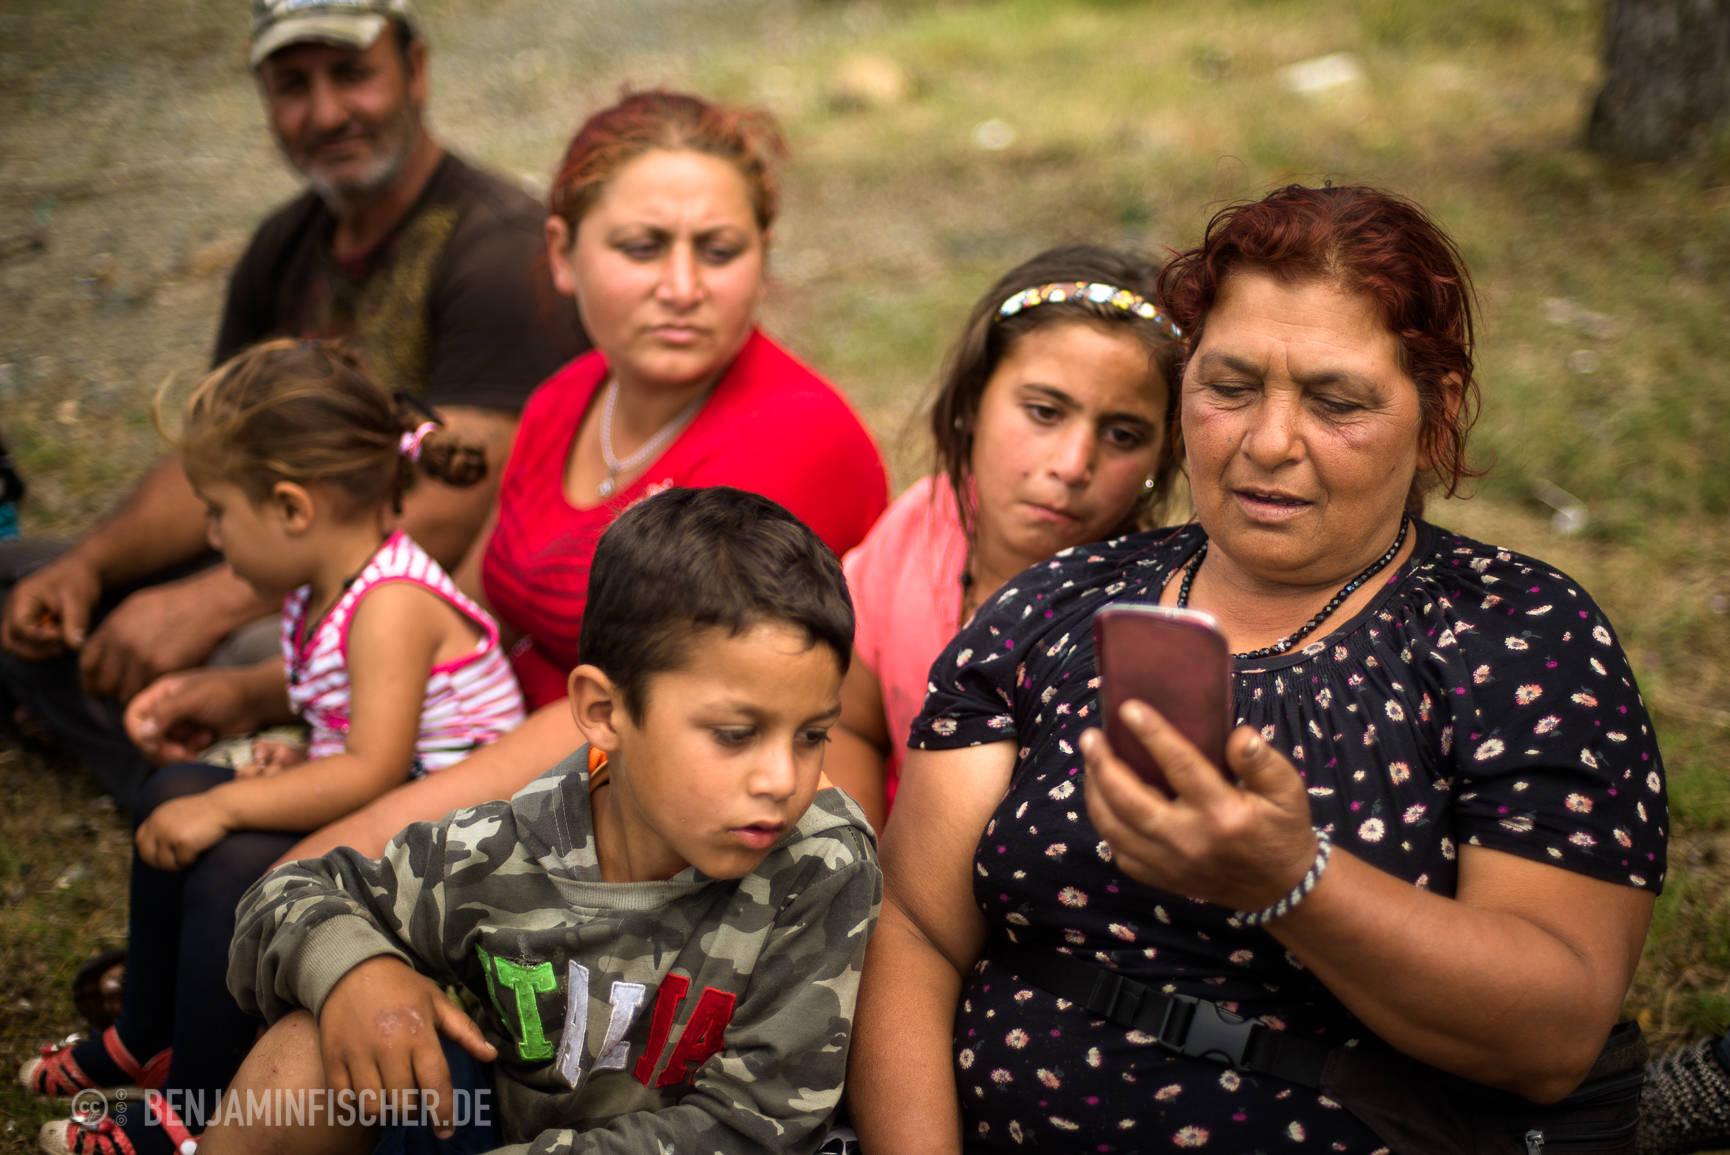 Großmutter Muhaxhiri unterhält sich per Handy mit ihrem anderen Sohn, der mithilfe eines Asylantrags noch immer in Deutschland ist.